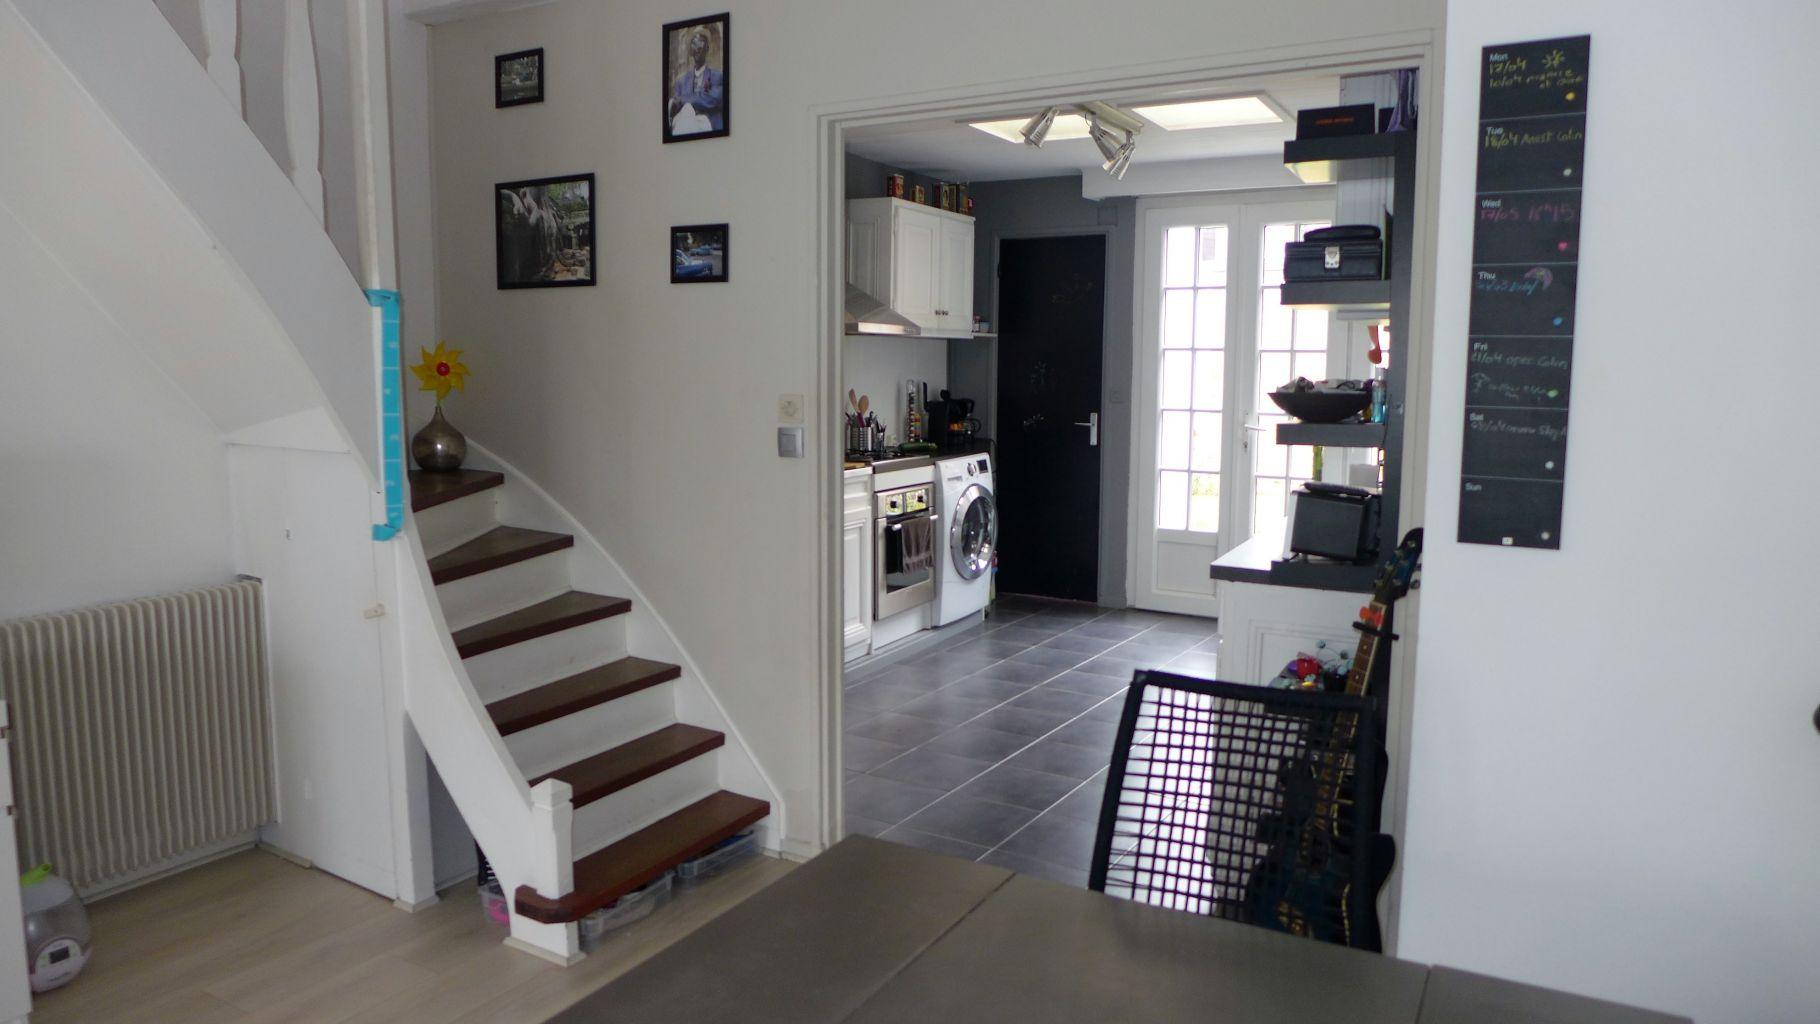 ventes maison mouvaux maison st germain en exclusivit. Black Bedroom Furniture Sets. Home Design Ideas